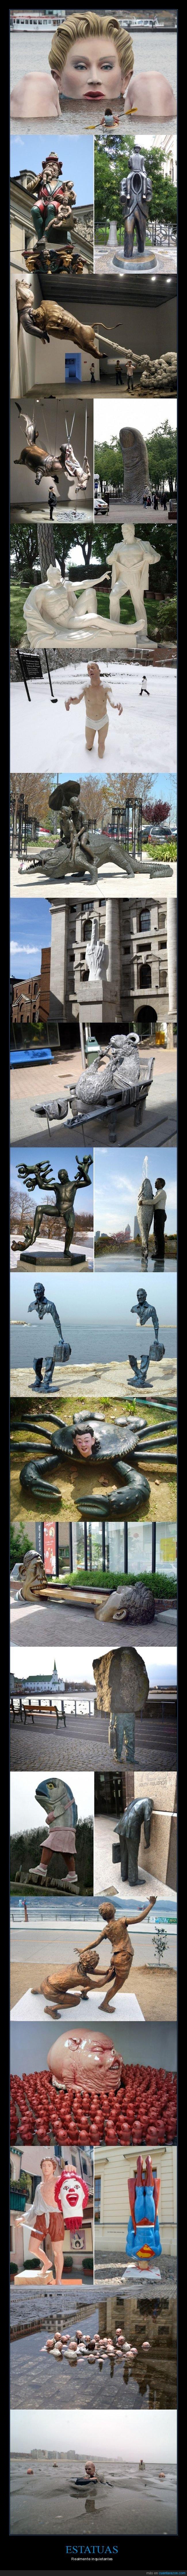 estatuas,raras,wtf